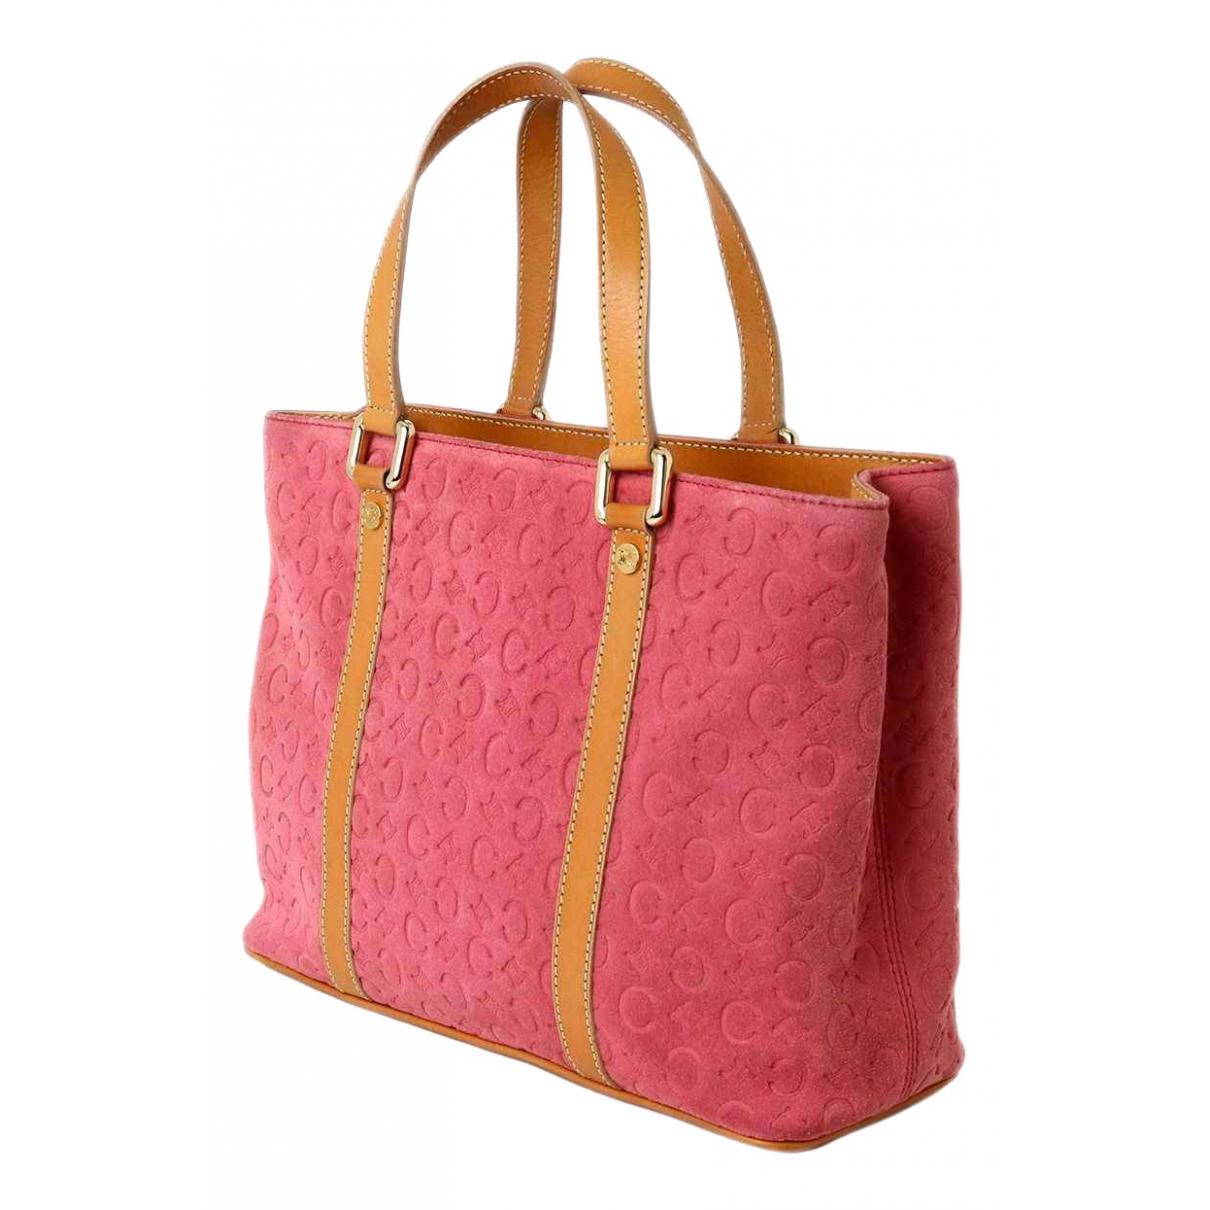 Celine \N Pink Suede handbag for Women \N